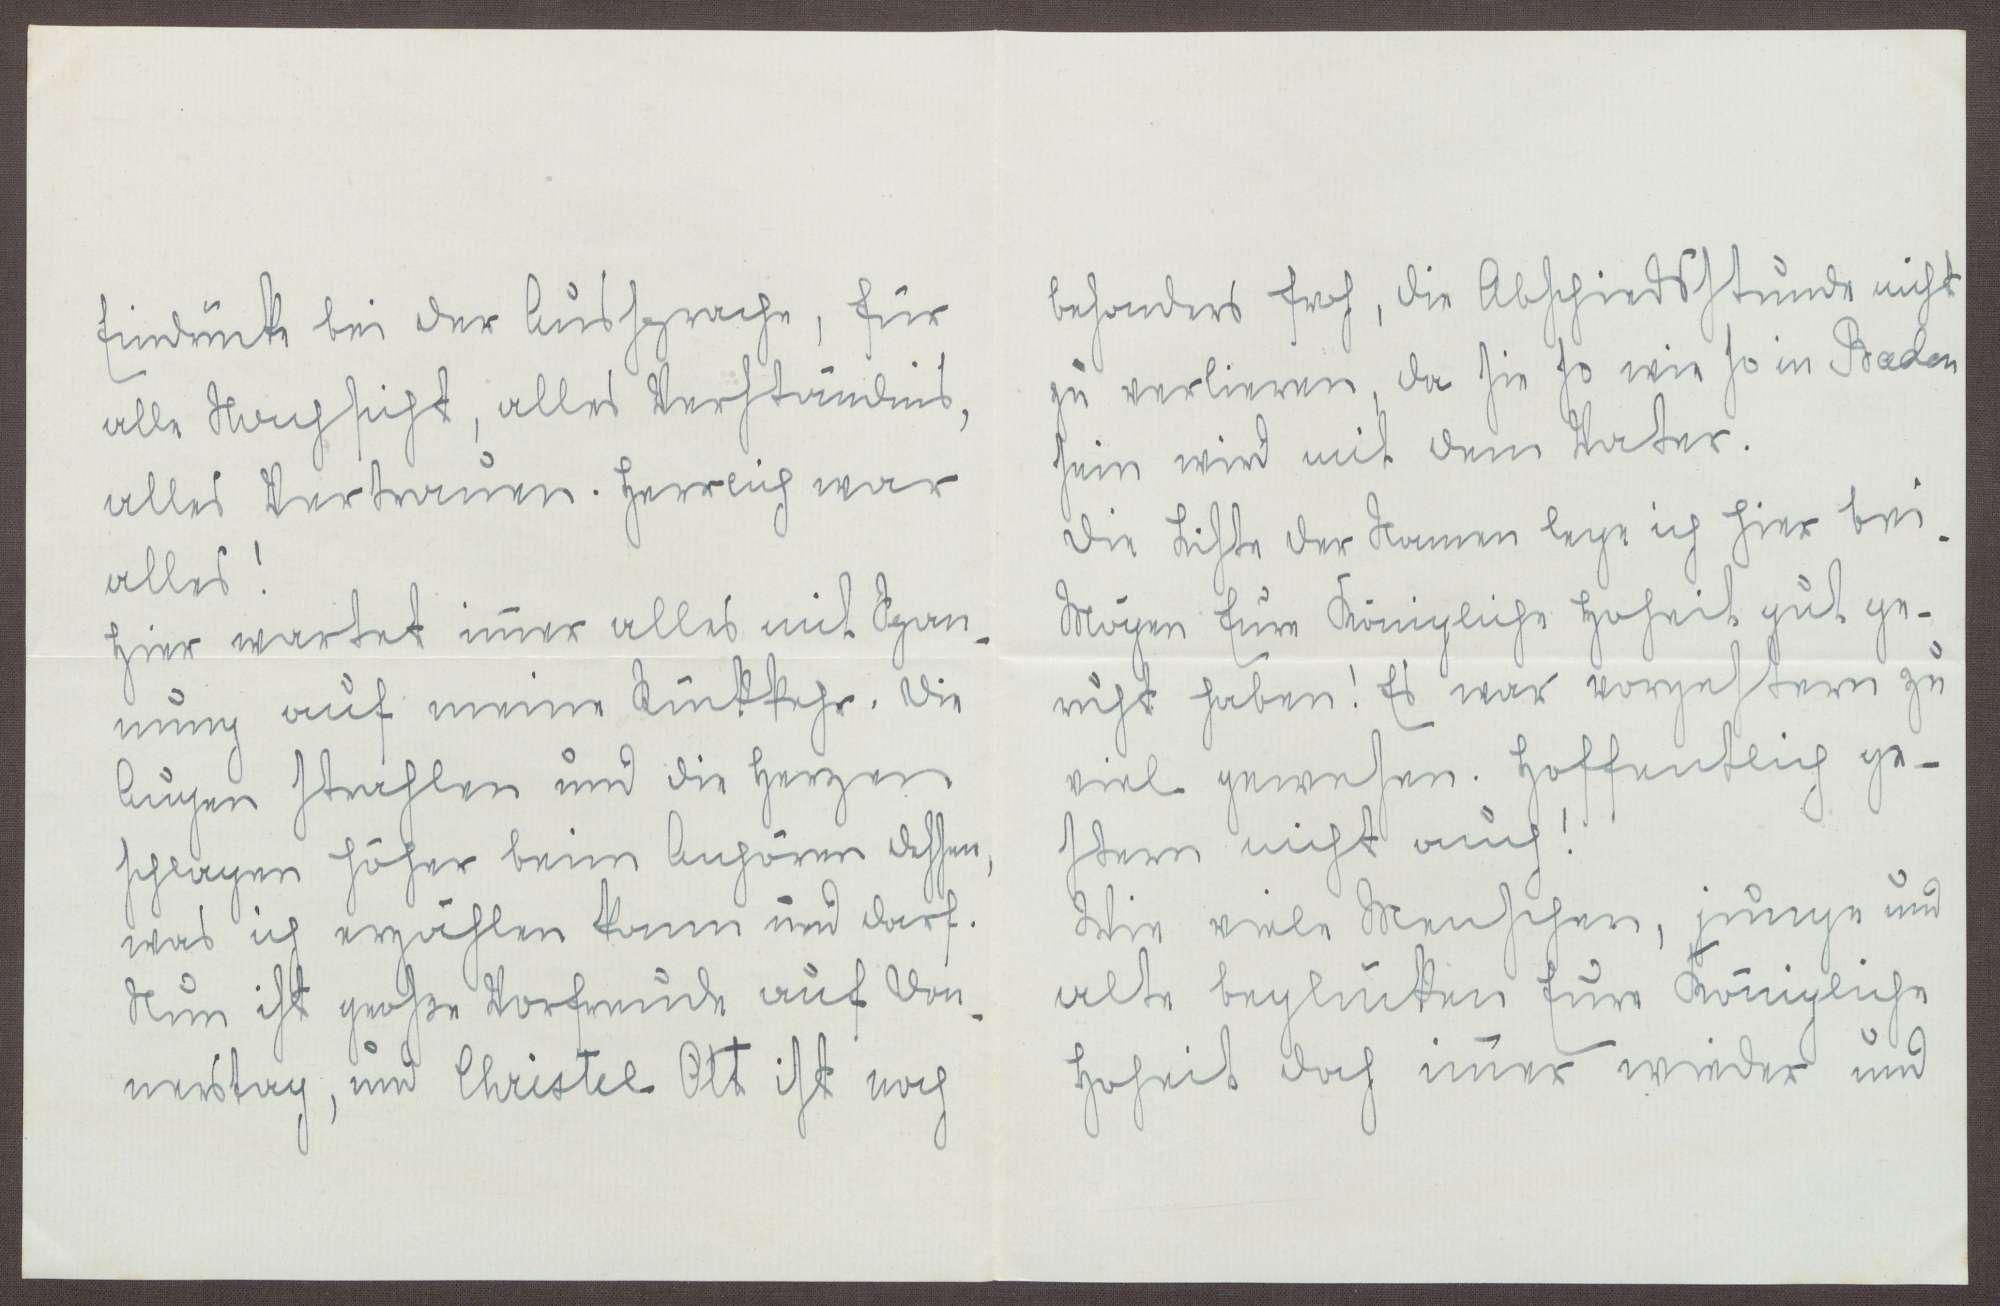 Schreiben von Emilie Göler an die Großherzogin Luise; Dank für die gemeinsamen Stunden und baldiger Abschied zur Insel Mainau, Bild 2